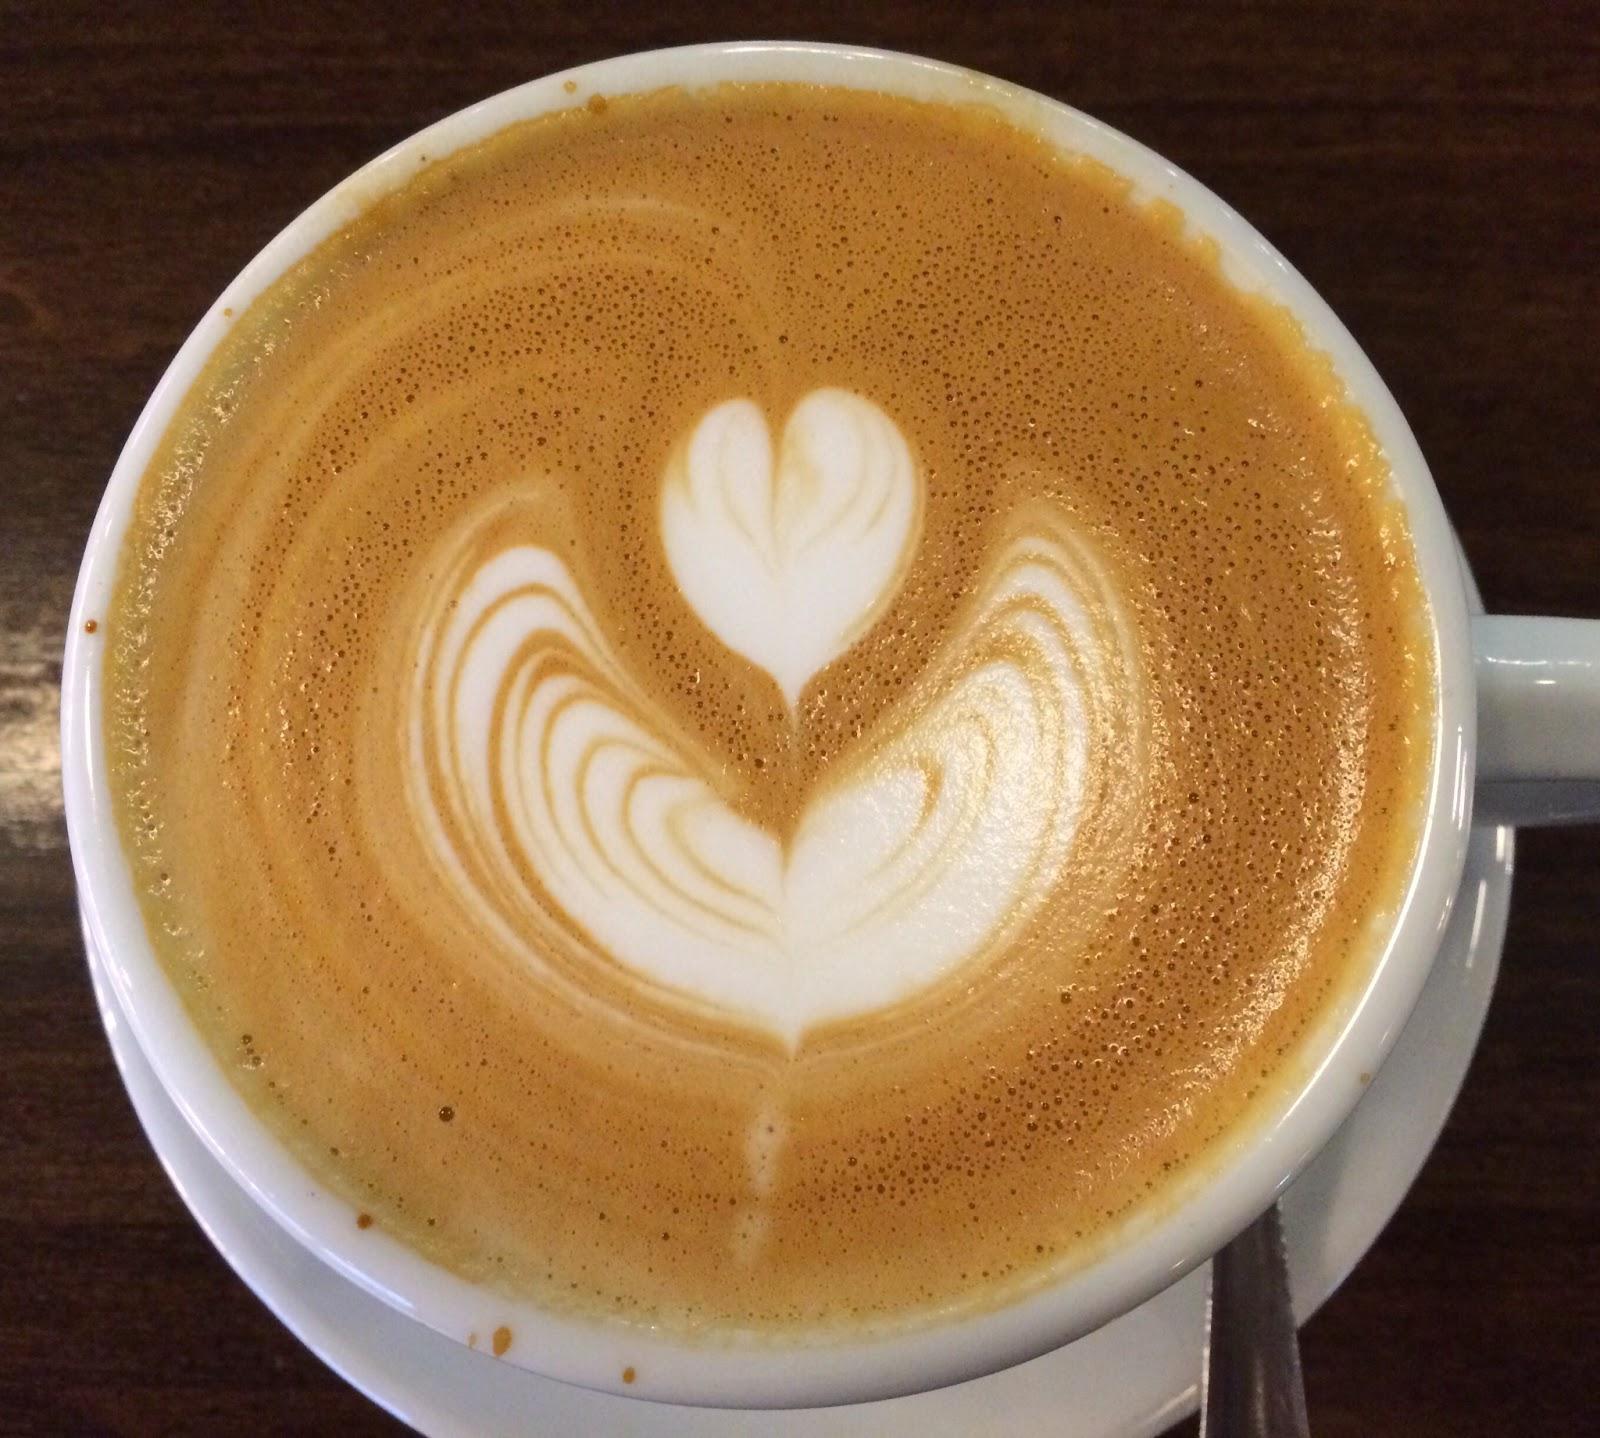 Caffe Latte From Blue Bottle Coffee / ブルーボトルコーヒーのカフェラテ